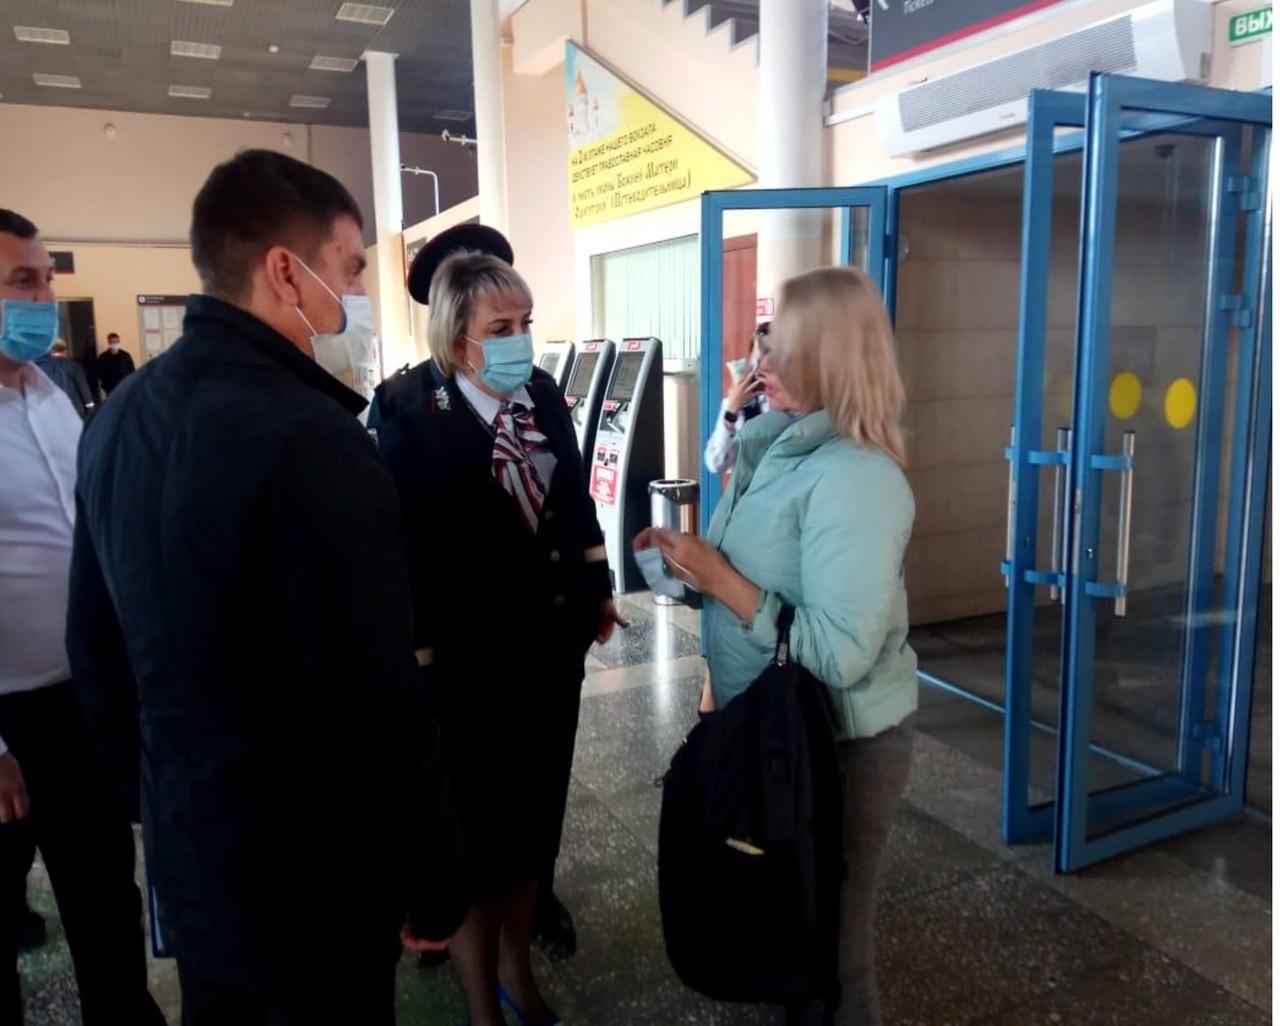 Пассажирам вокзала Ростов-Пригородный в ходе рейда напомнили о необходимости ношения масок